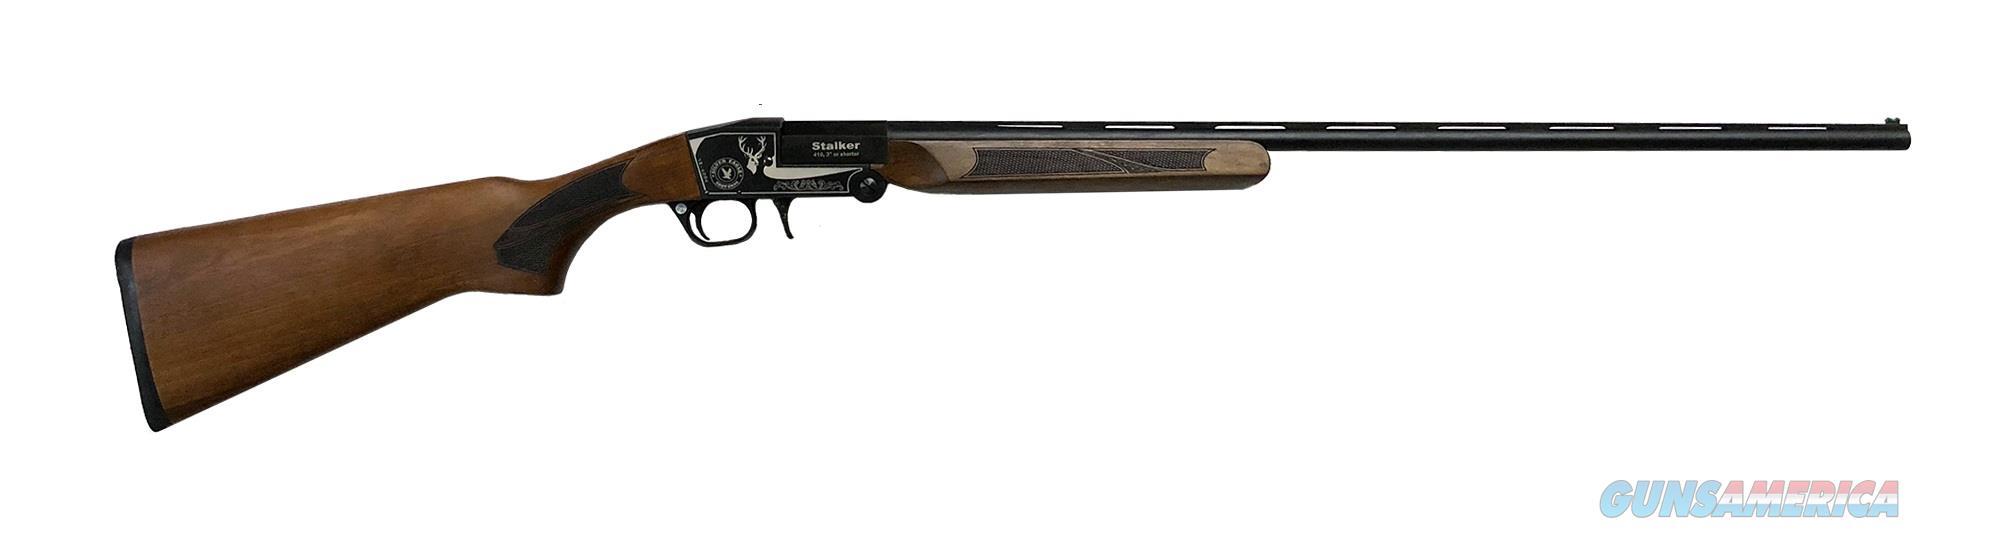 Silver Eagle/TR Imports Stalker (TK3628)  Guns > Shotguns > S Misc Shotguns